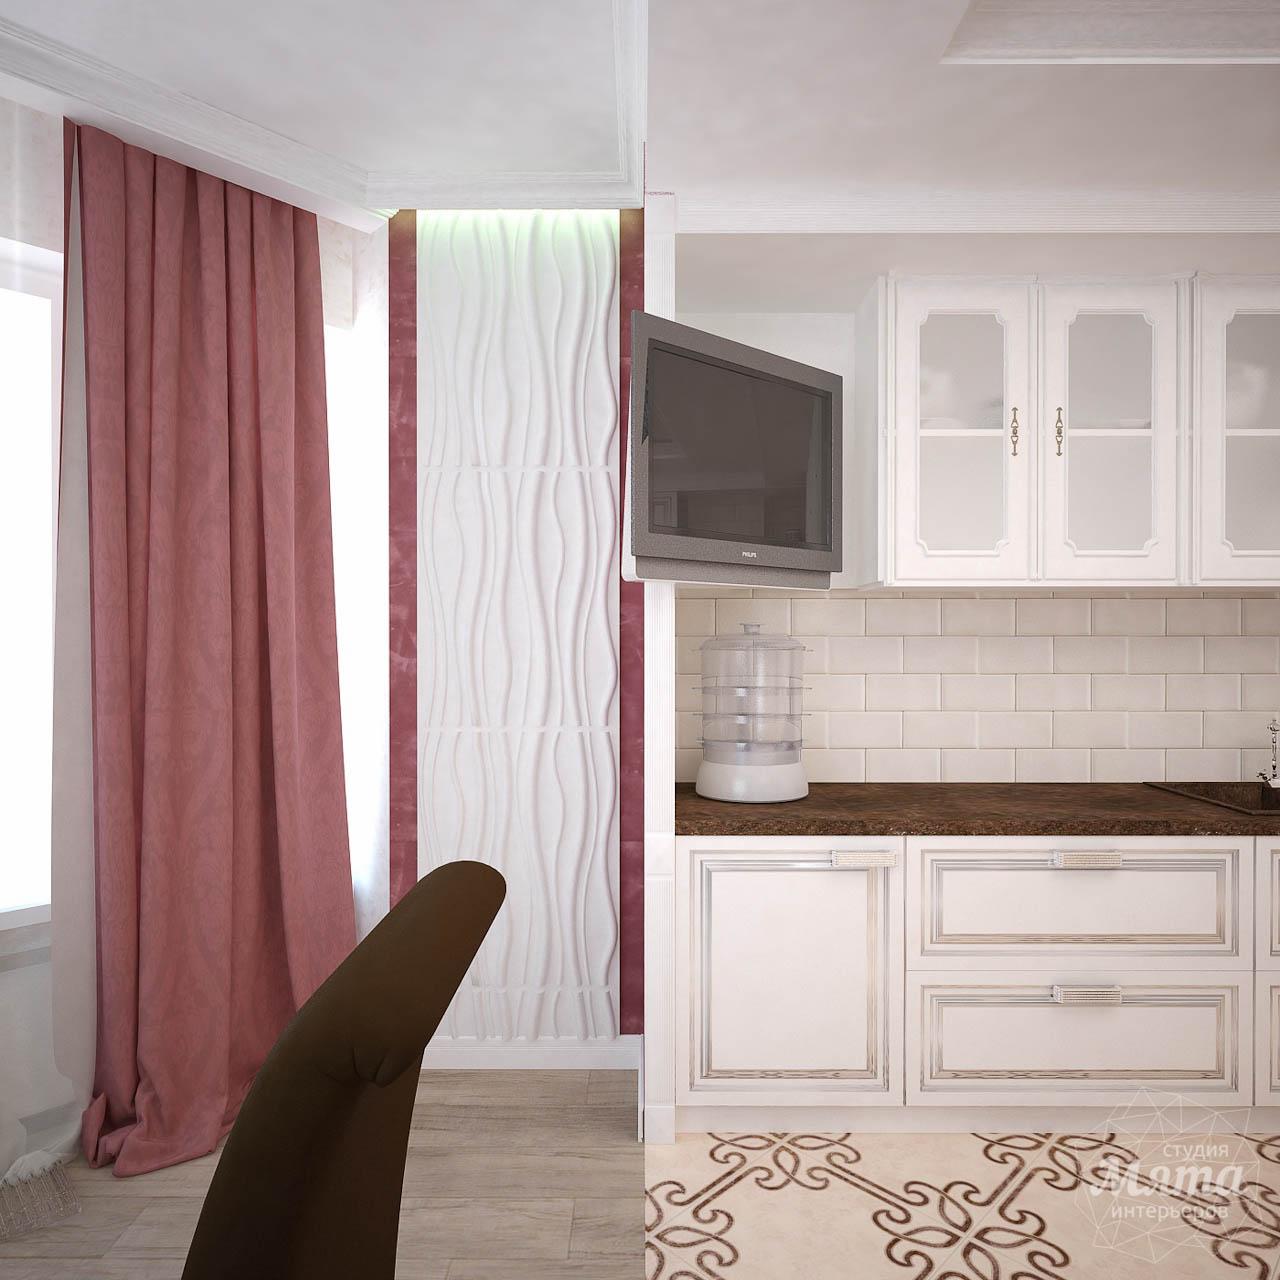 Дизайн интерьера четырехкомнатной квартиры по ул. Шевченко 18 img571163419